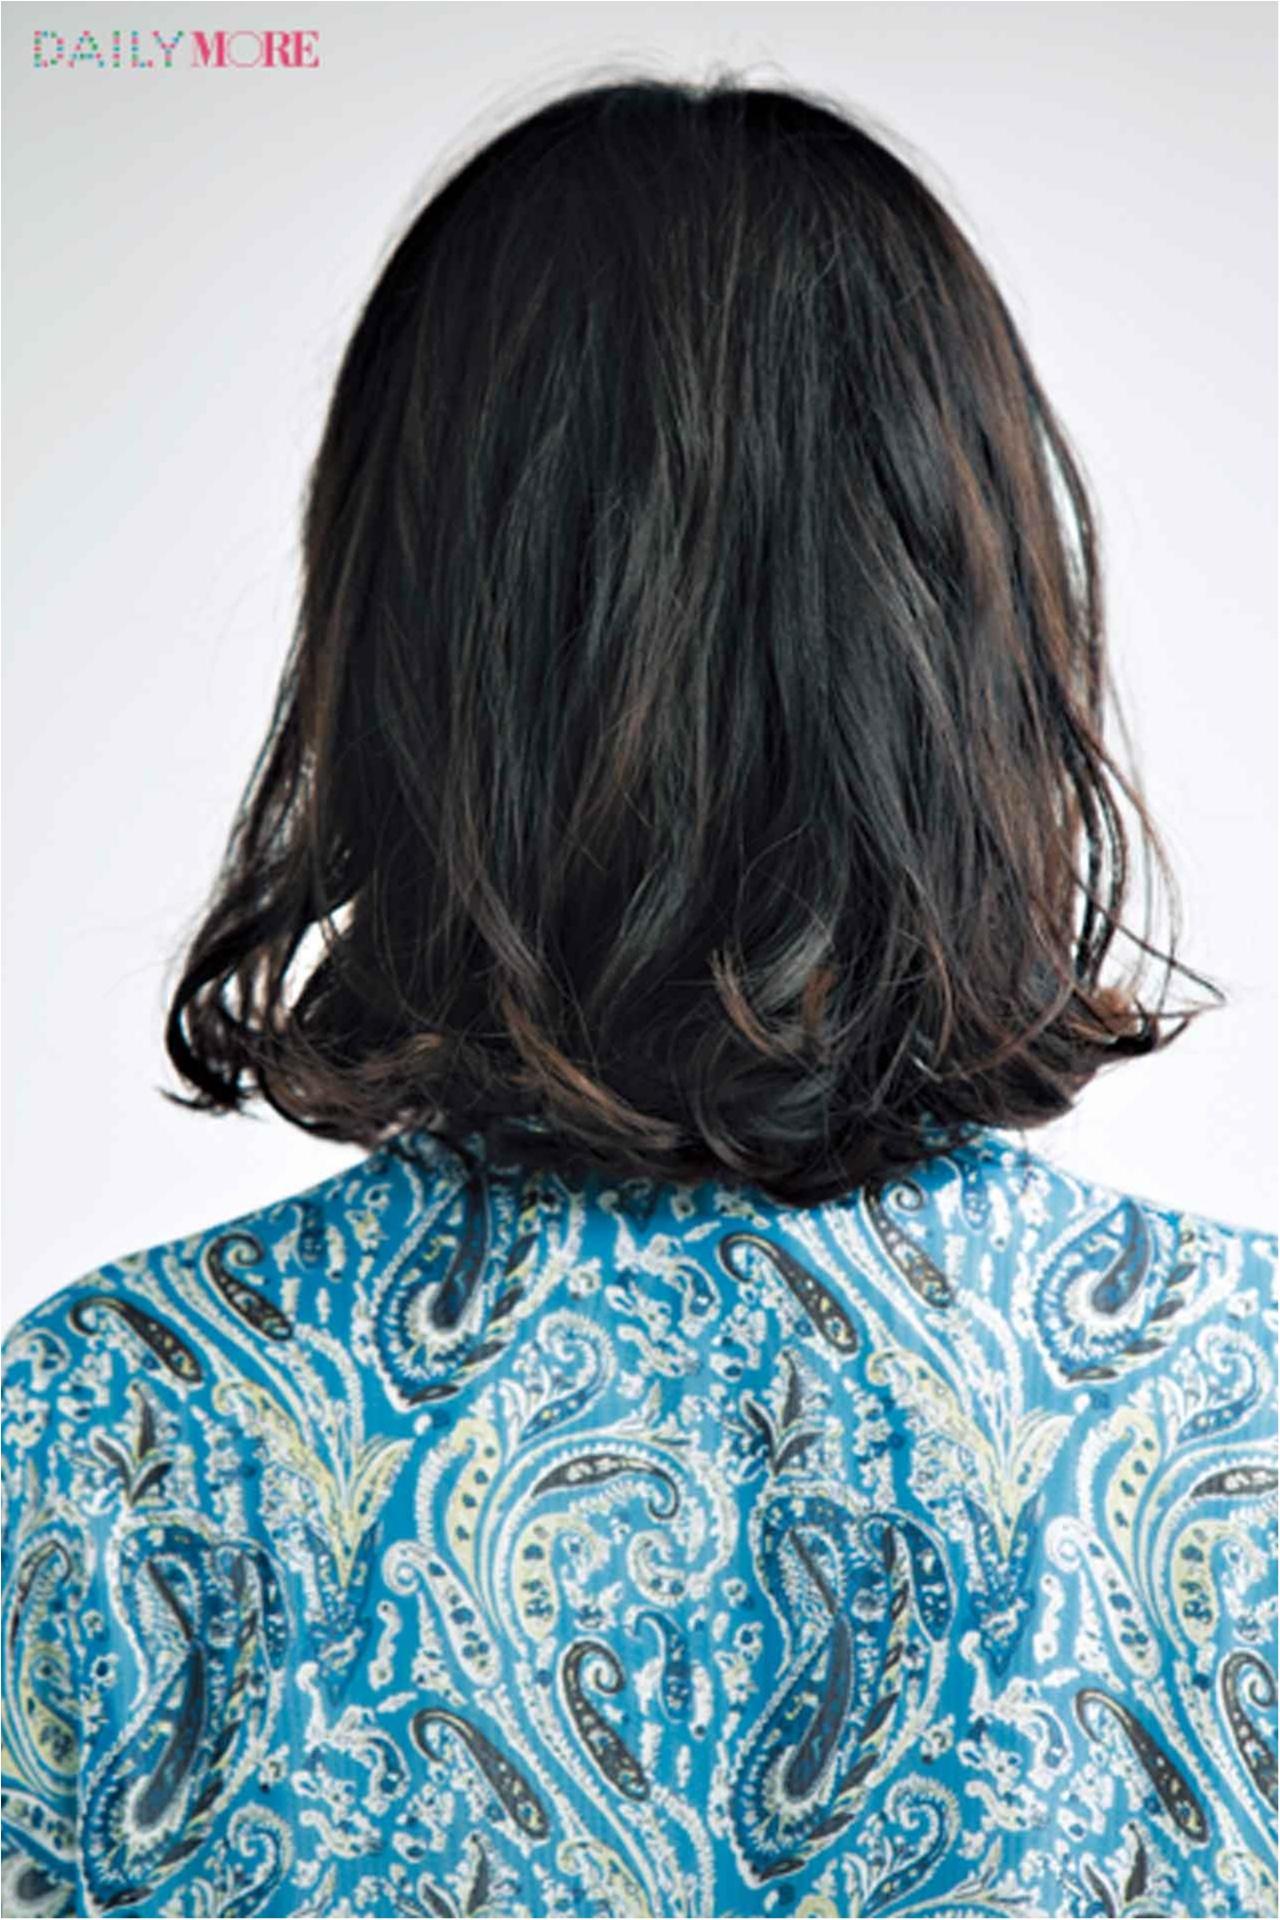 最旬モードが手に入る♡ おしゃれ度が上がる「Sカールボブ」の作り方【今一番おしゃれな髪型は〝ボブ〟!!】_7